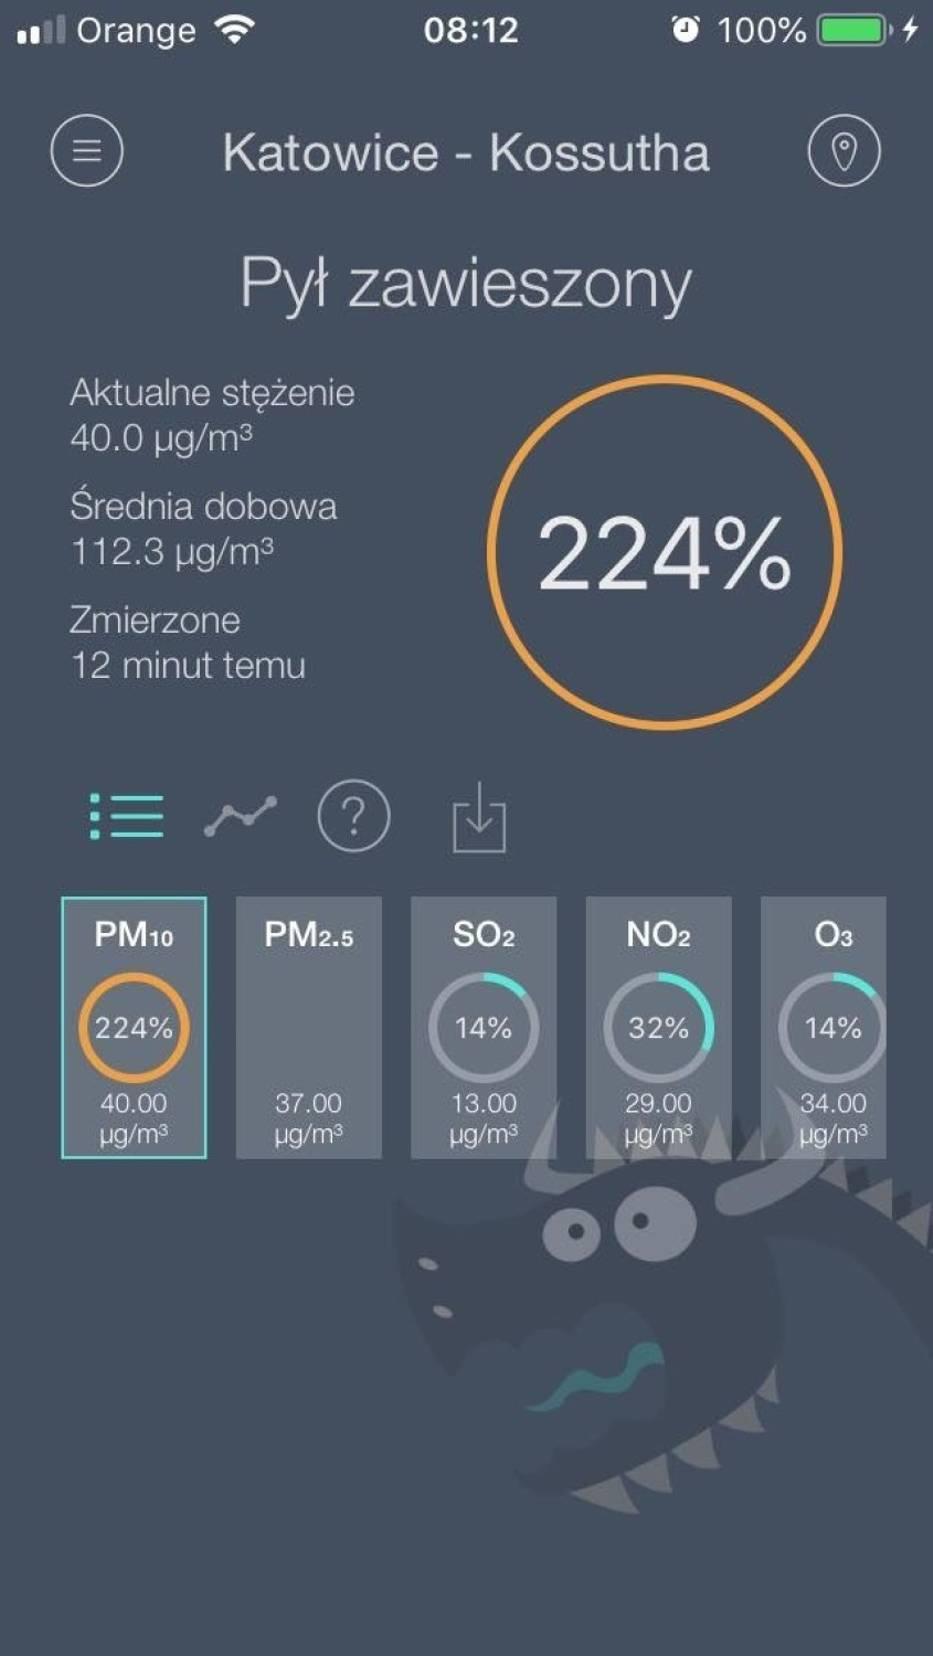 W Katowicach stężenie pyłów PM10 wyniosło 224%